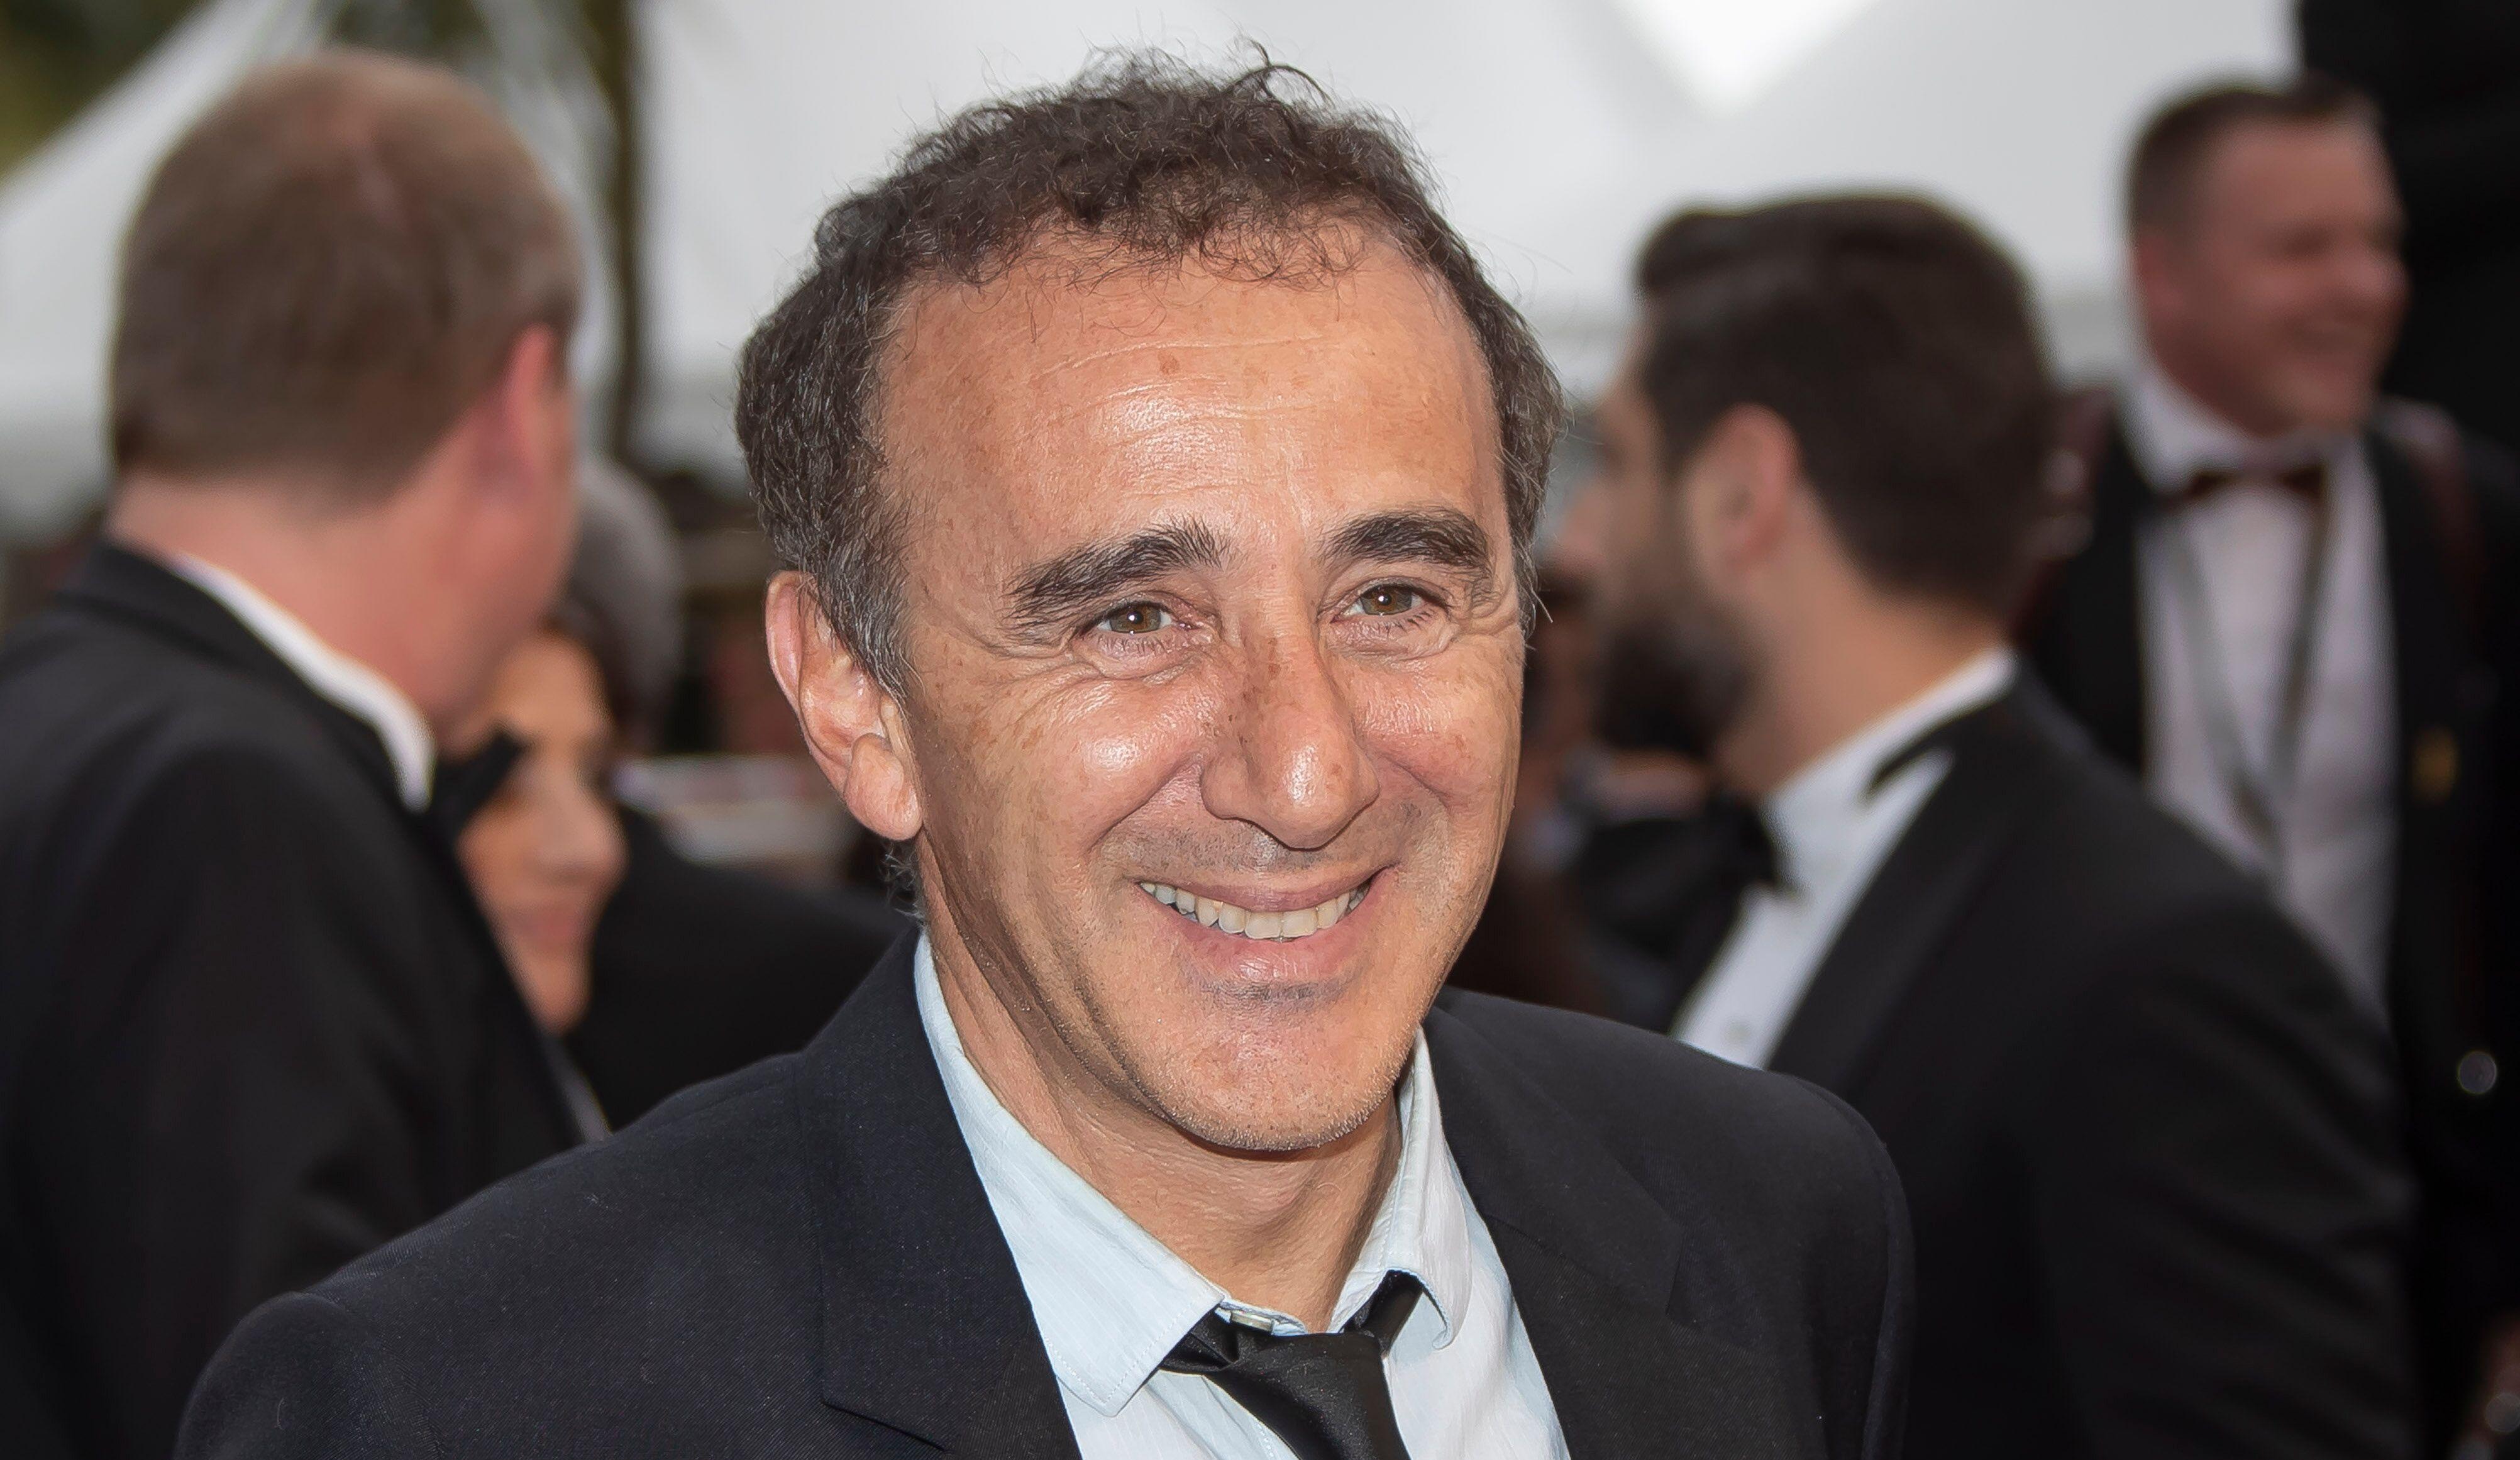 Elie Semoun Reagit A La Colere De Jean Marie Bigard Et Tente D Apaiser Les Tensions Voici